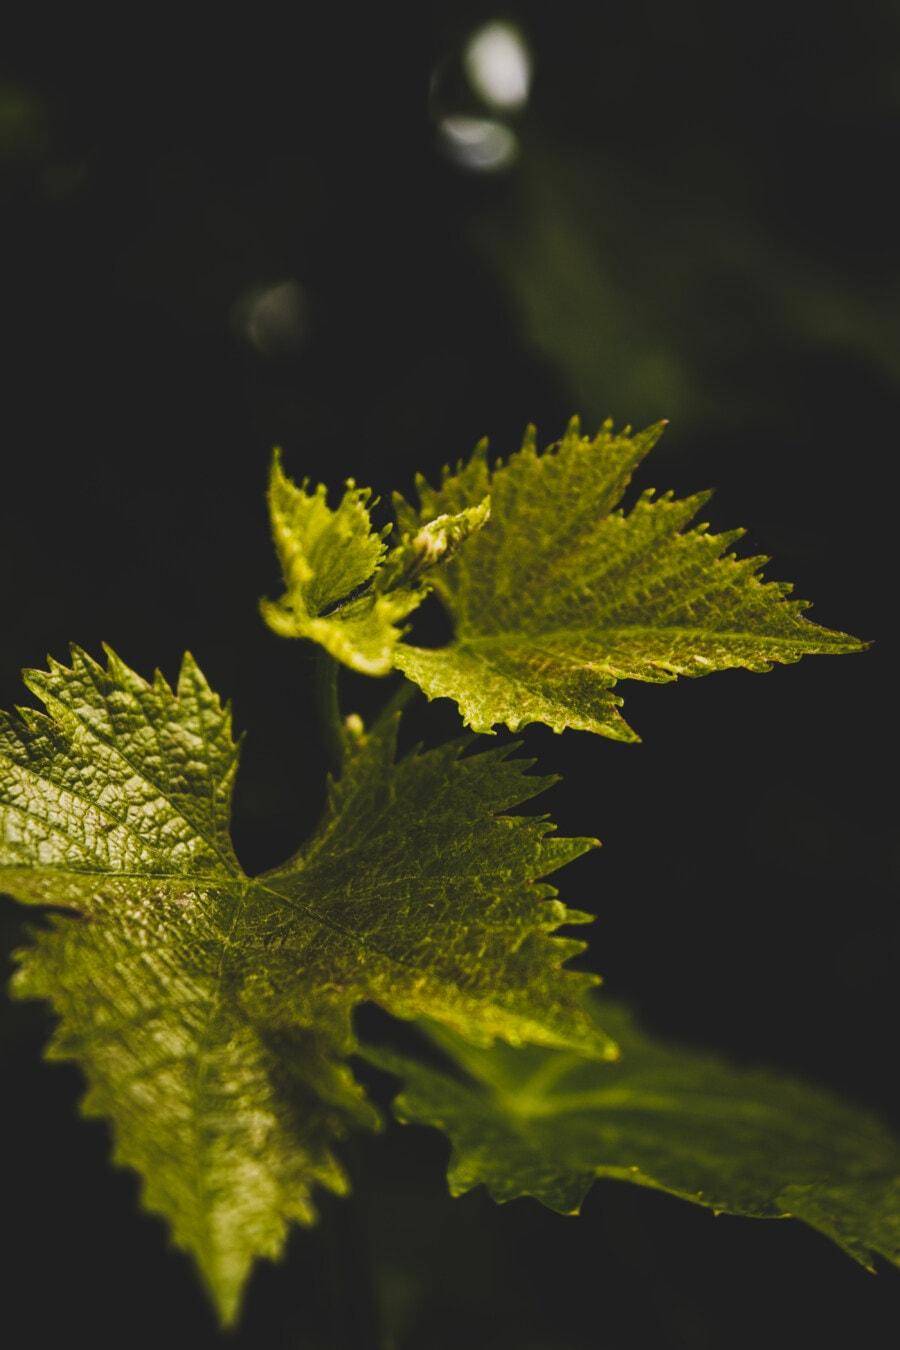 Weinrebe, Weinberg, aus nächster Nähe, grüne Blätter, Blätter, Blatt, Petersilie, Anlage, Natur, Rebe